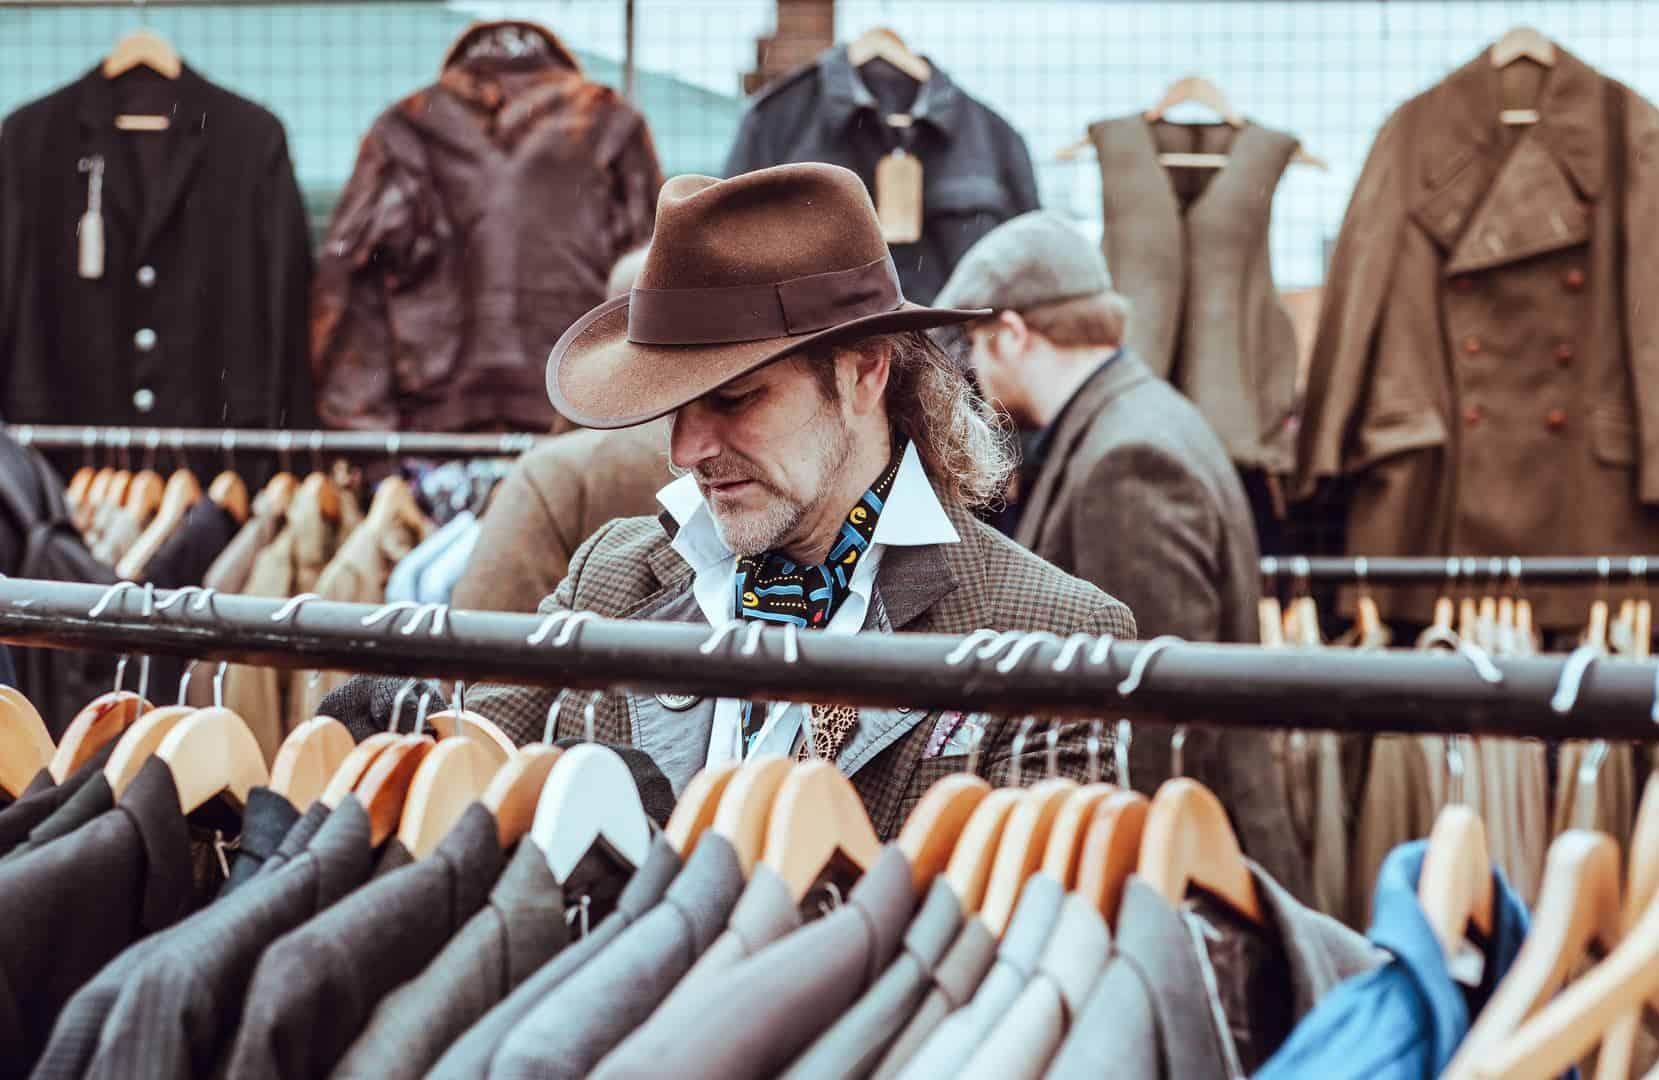 homem escolhendo roupa para entrevista de emprego 1232x802 - Como escolher a roupa certa para a entrevista de emprego pelo Instagram